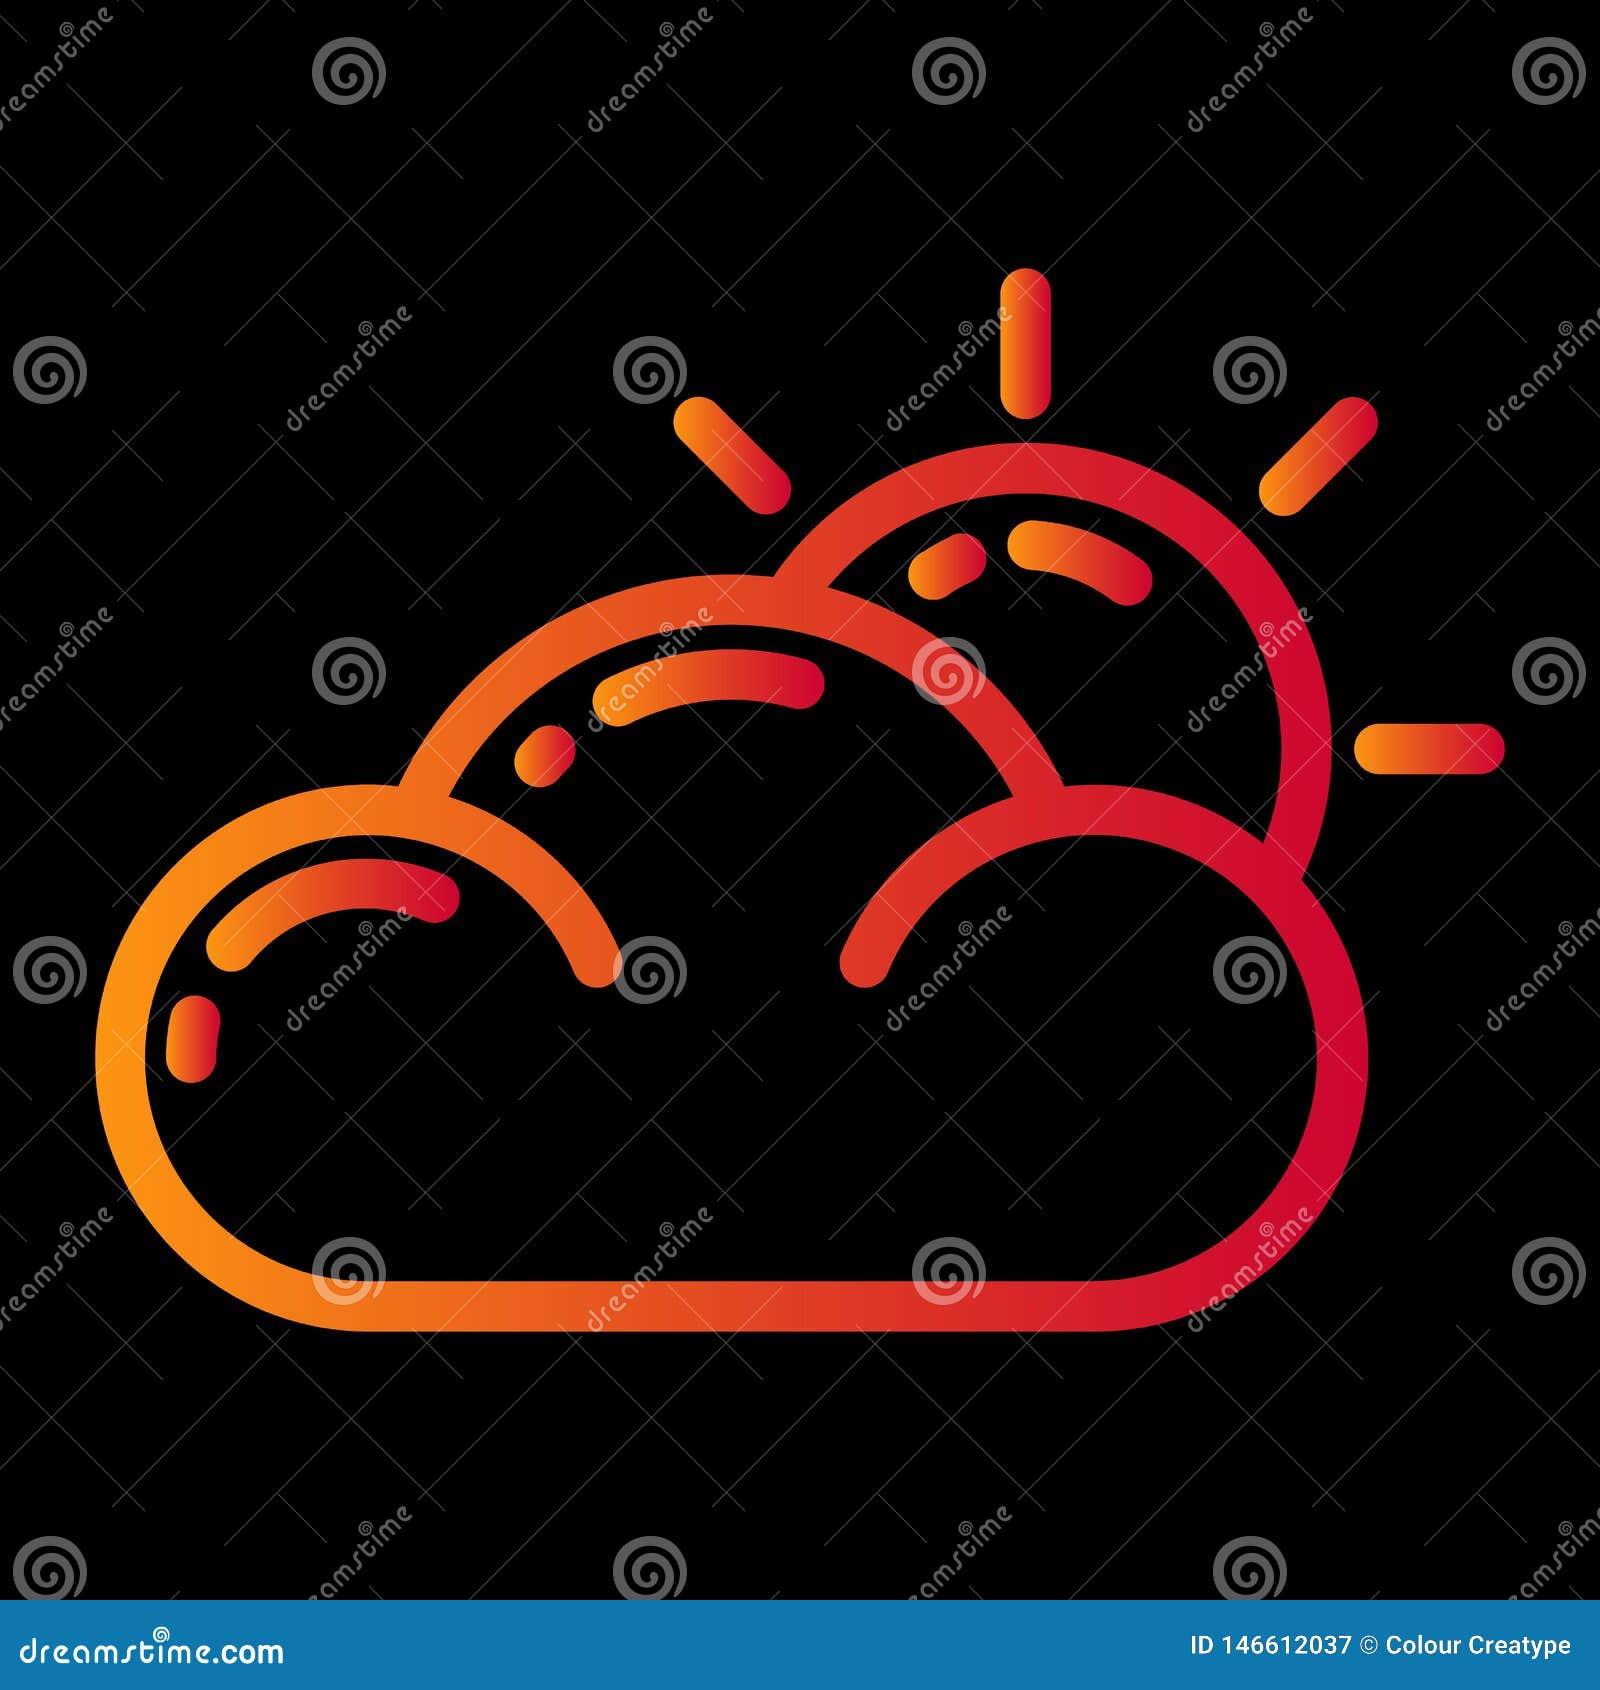 Weather icon design